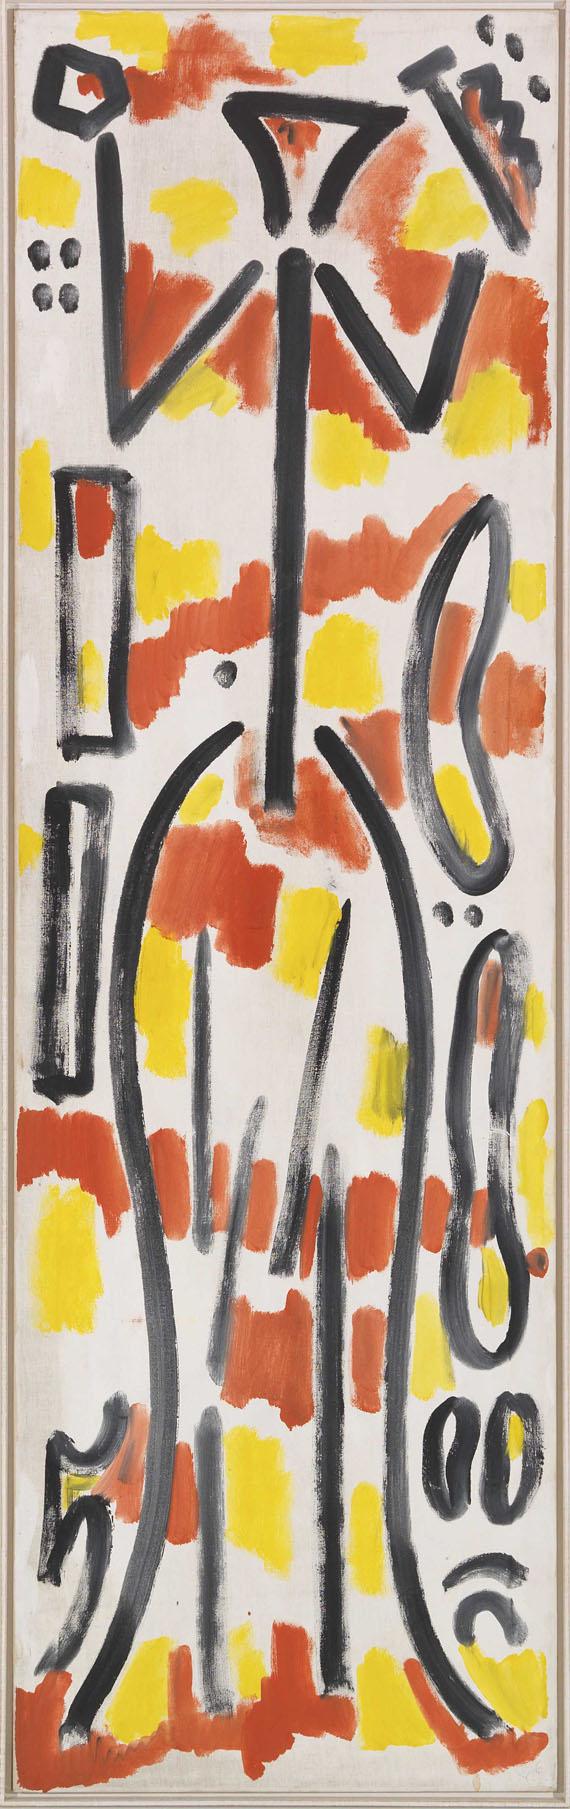 A. R. Penck (d.i. Ralf Winkler) - Projekt Germania (Konzept G) - Frame image